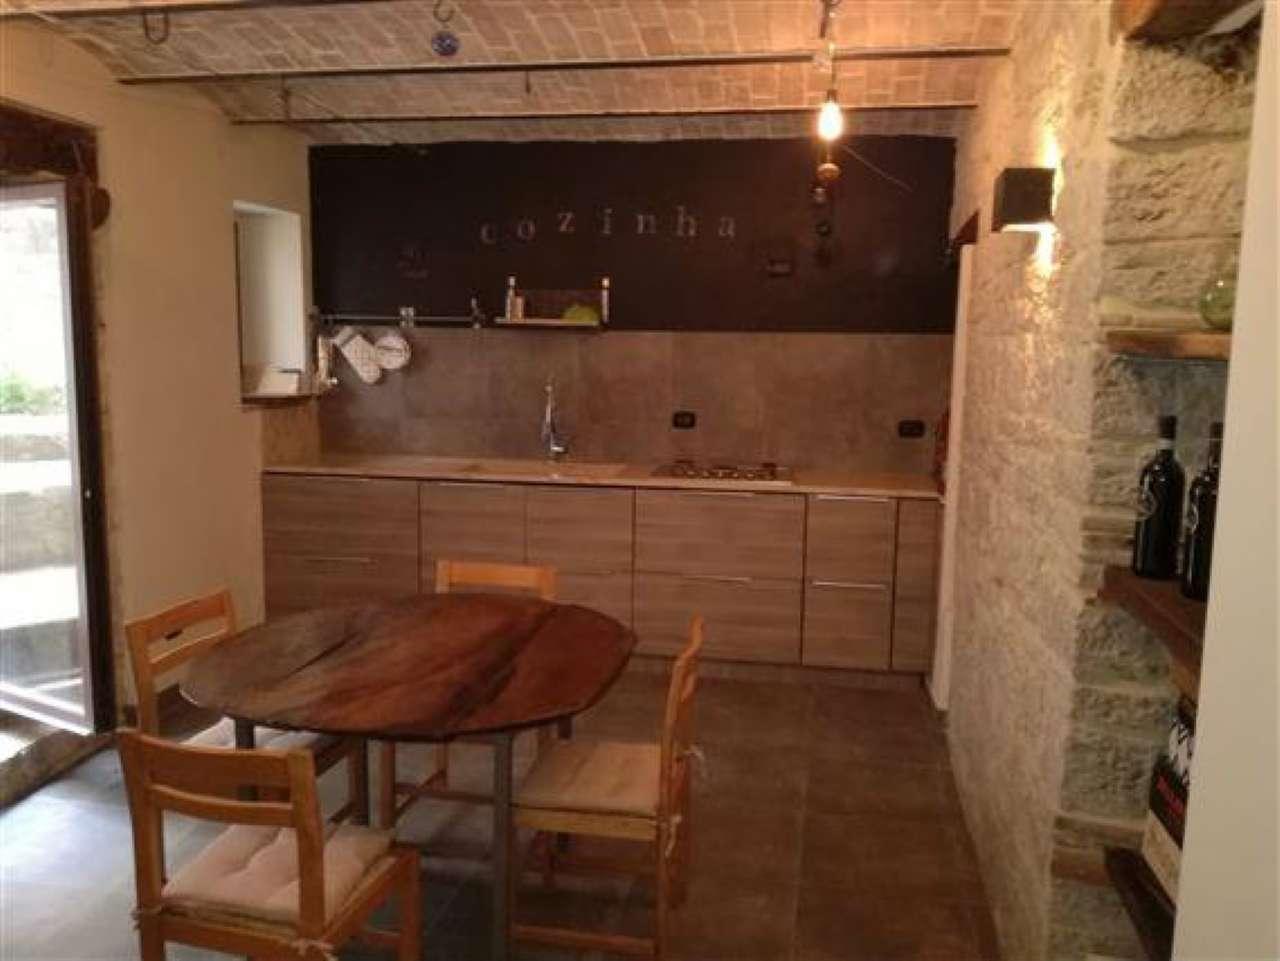 Palazzo / Stabile in vendita a Ferrazzano, 9999 locali, prezzo € 125.000 | CambioCasa.it